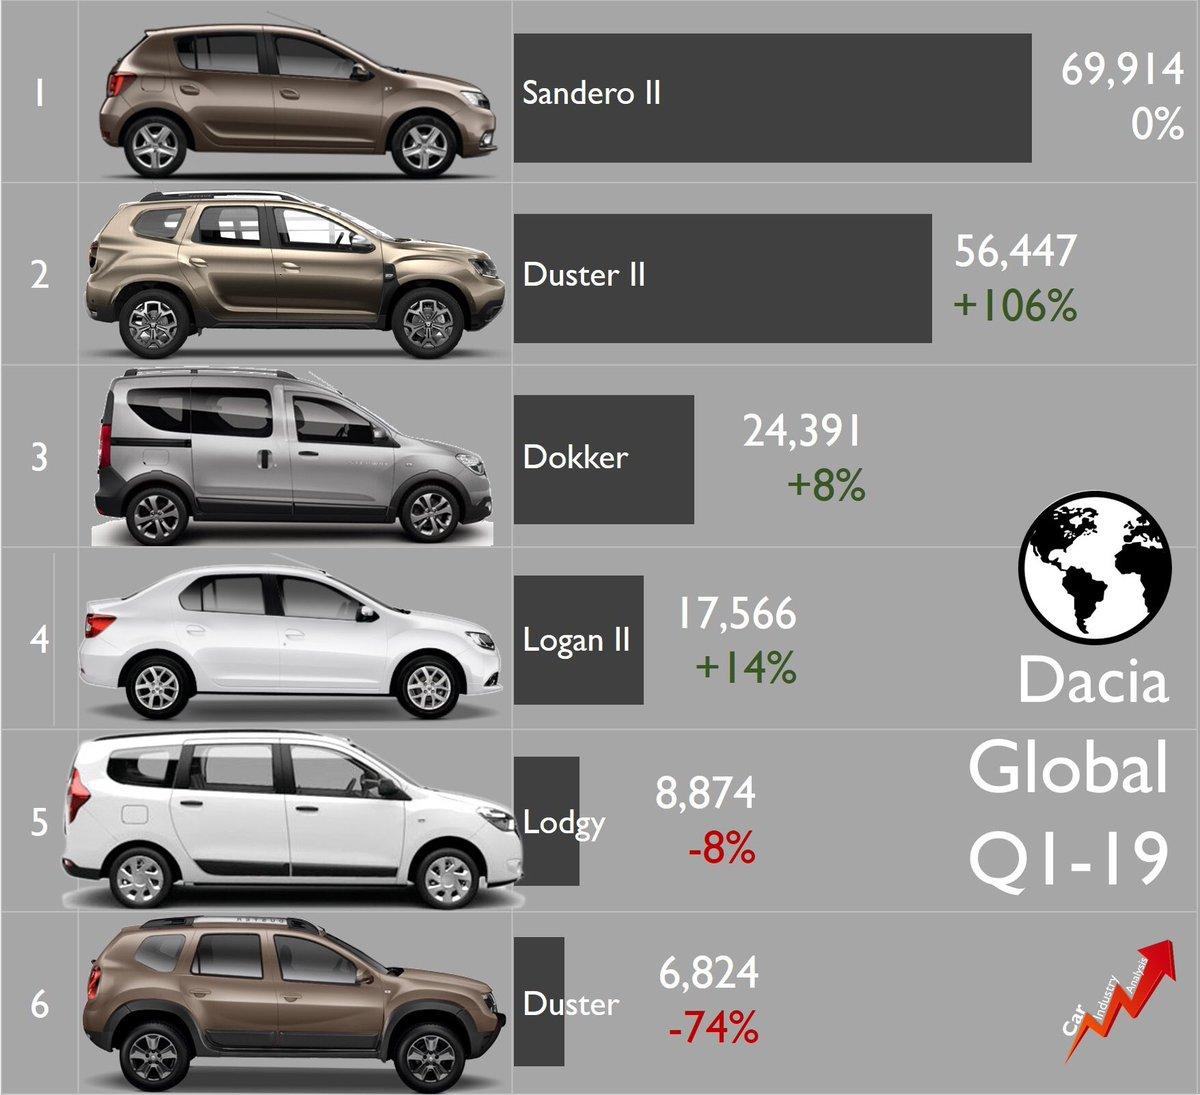 [Statistiques] Par ici les chiffres - Page 2 D4dc9PLWsAMrRsi